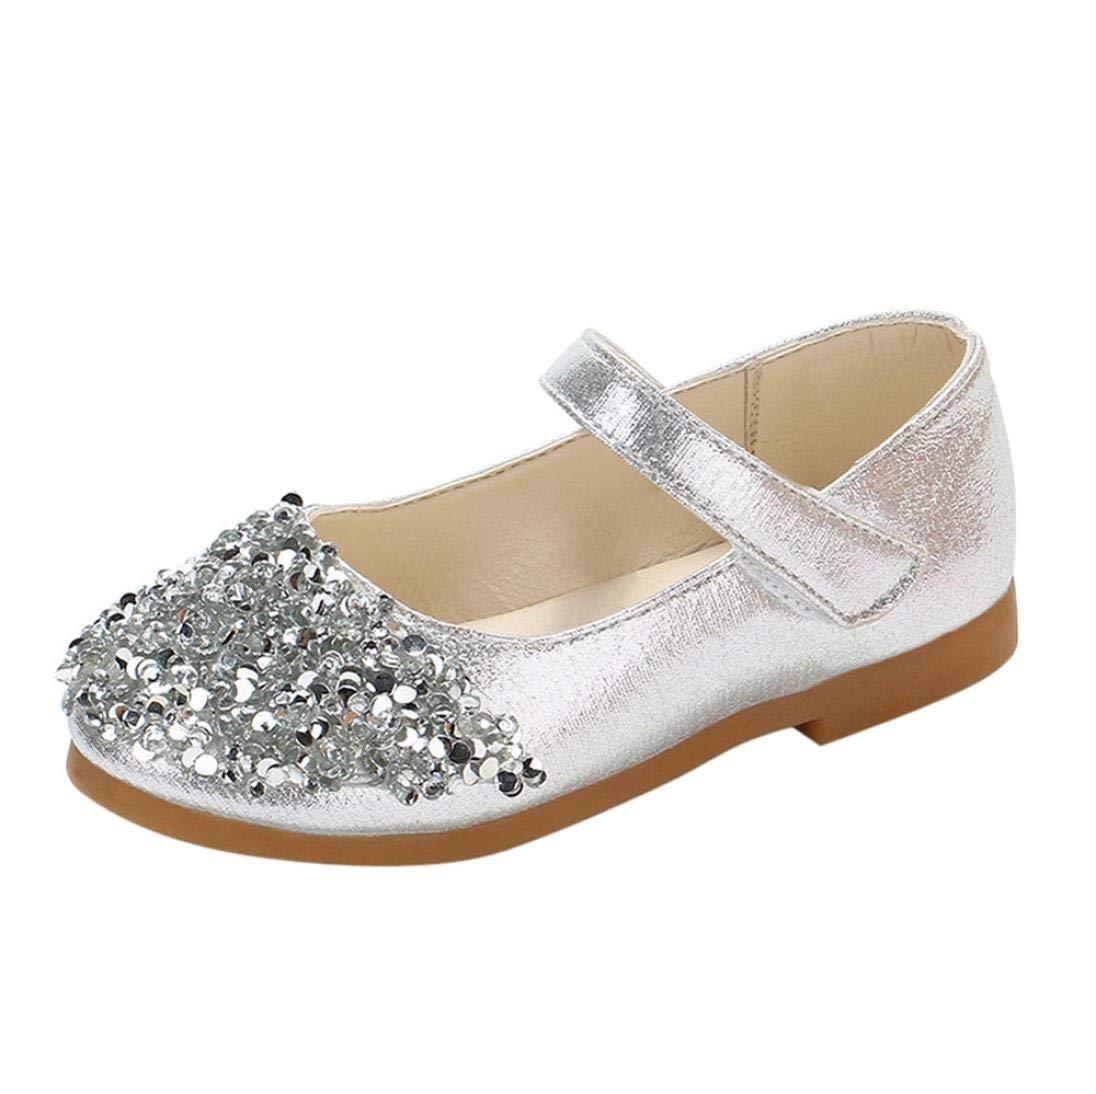 70158e91 Zapatos para Niñas Otoño Invierno 2018 Moda PAOLIAN Calzado de Bailarinas  Danza Suela Blanda Antideslizante Zapatos